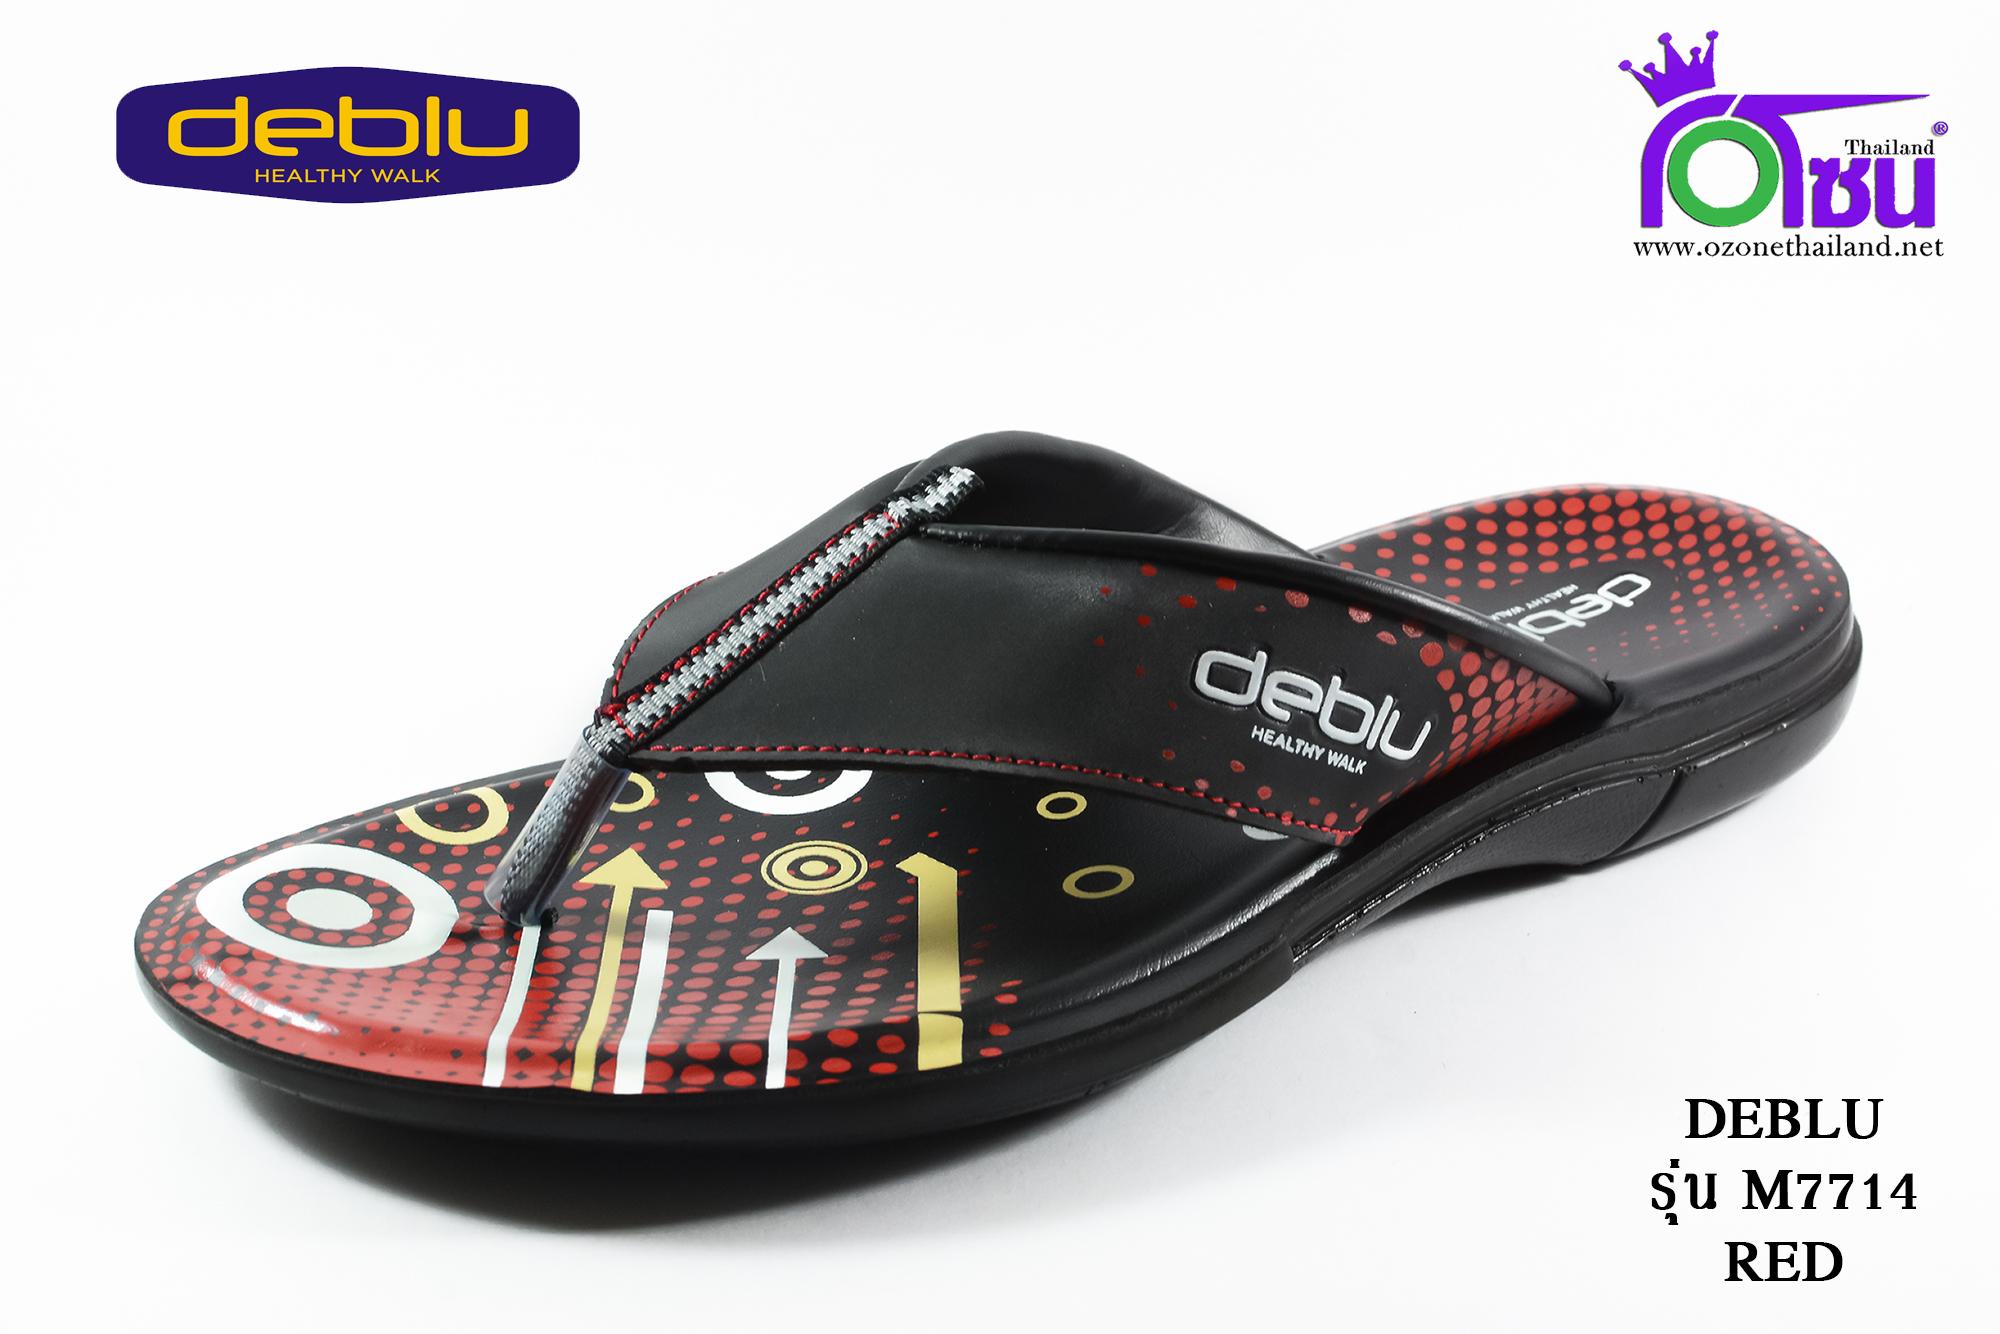 รองเท้าเพื่อสุขภาพ DEBLU เดอบลู รุ่น M7714 สีแดง เบอร์ 39-44